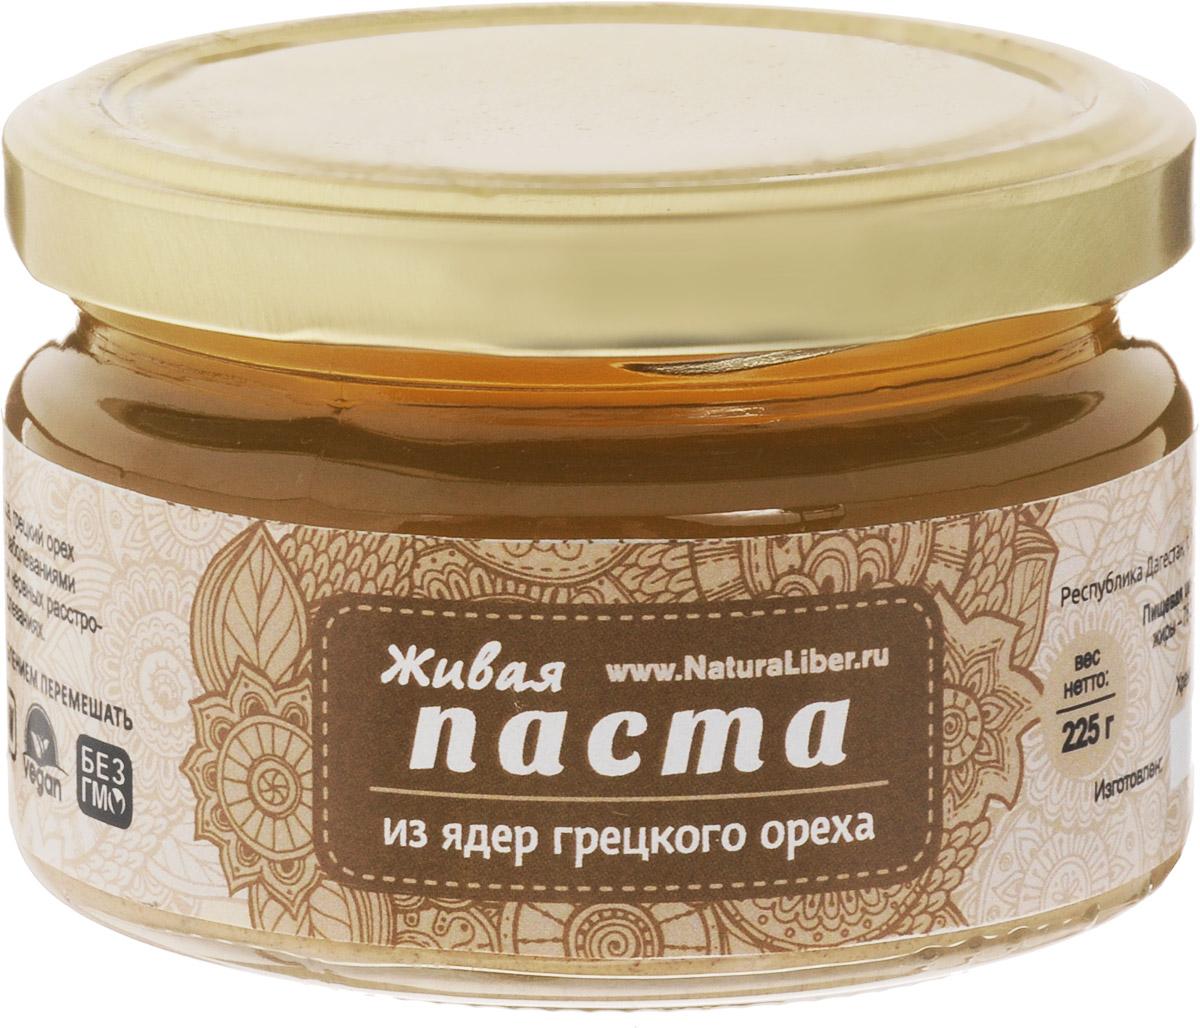 NaturaLiber паста из ядер грецкого ореха, 225 г 00-00000142